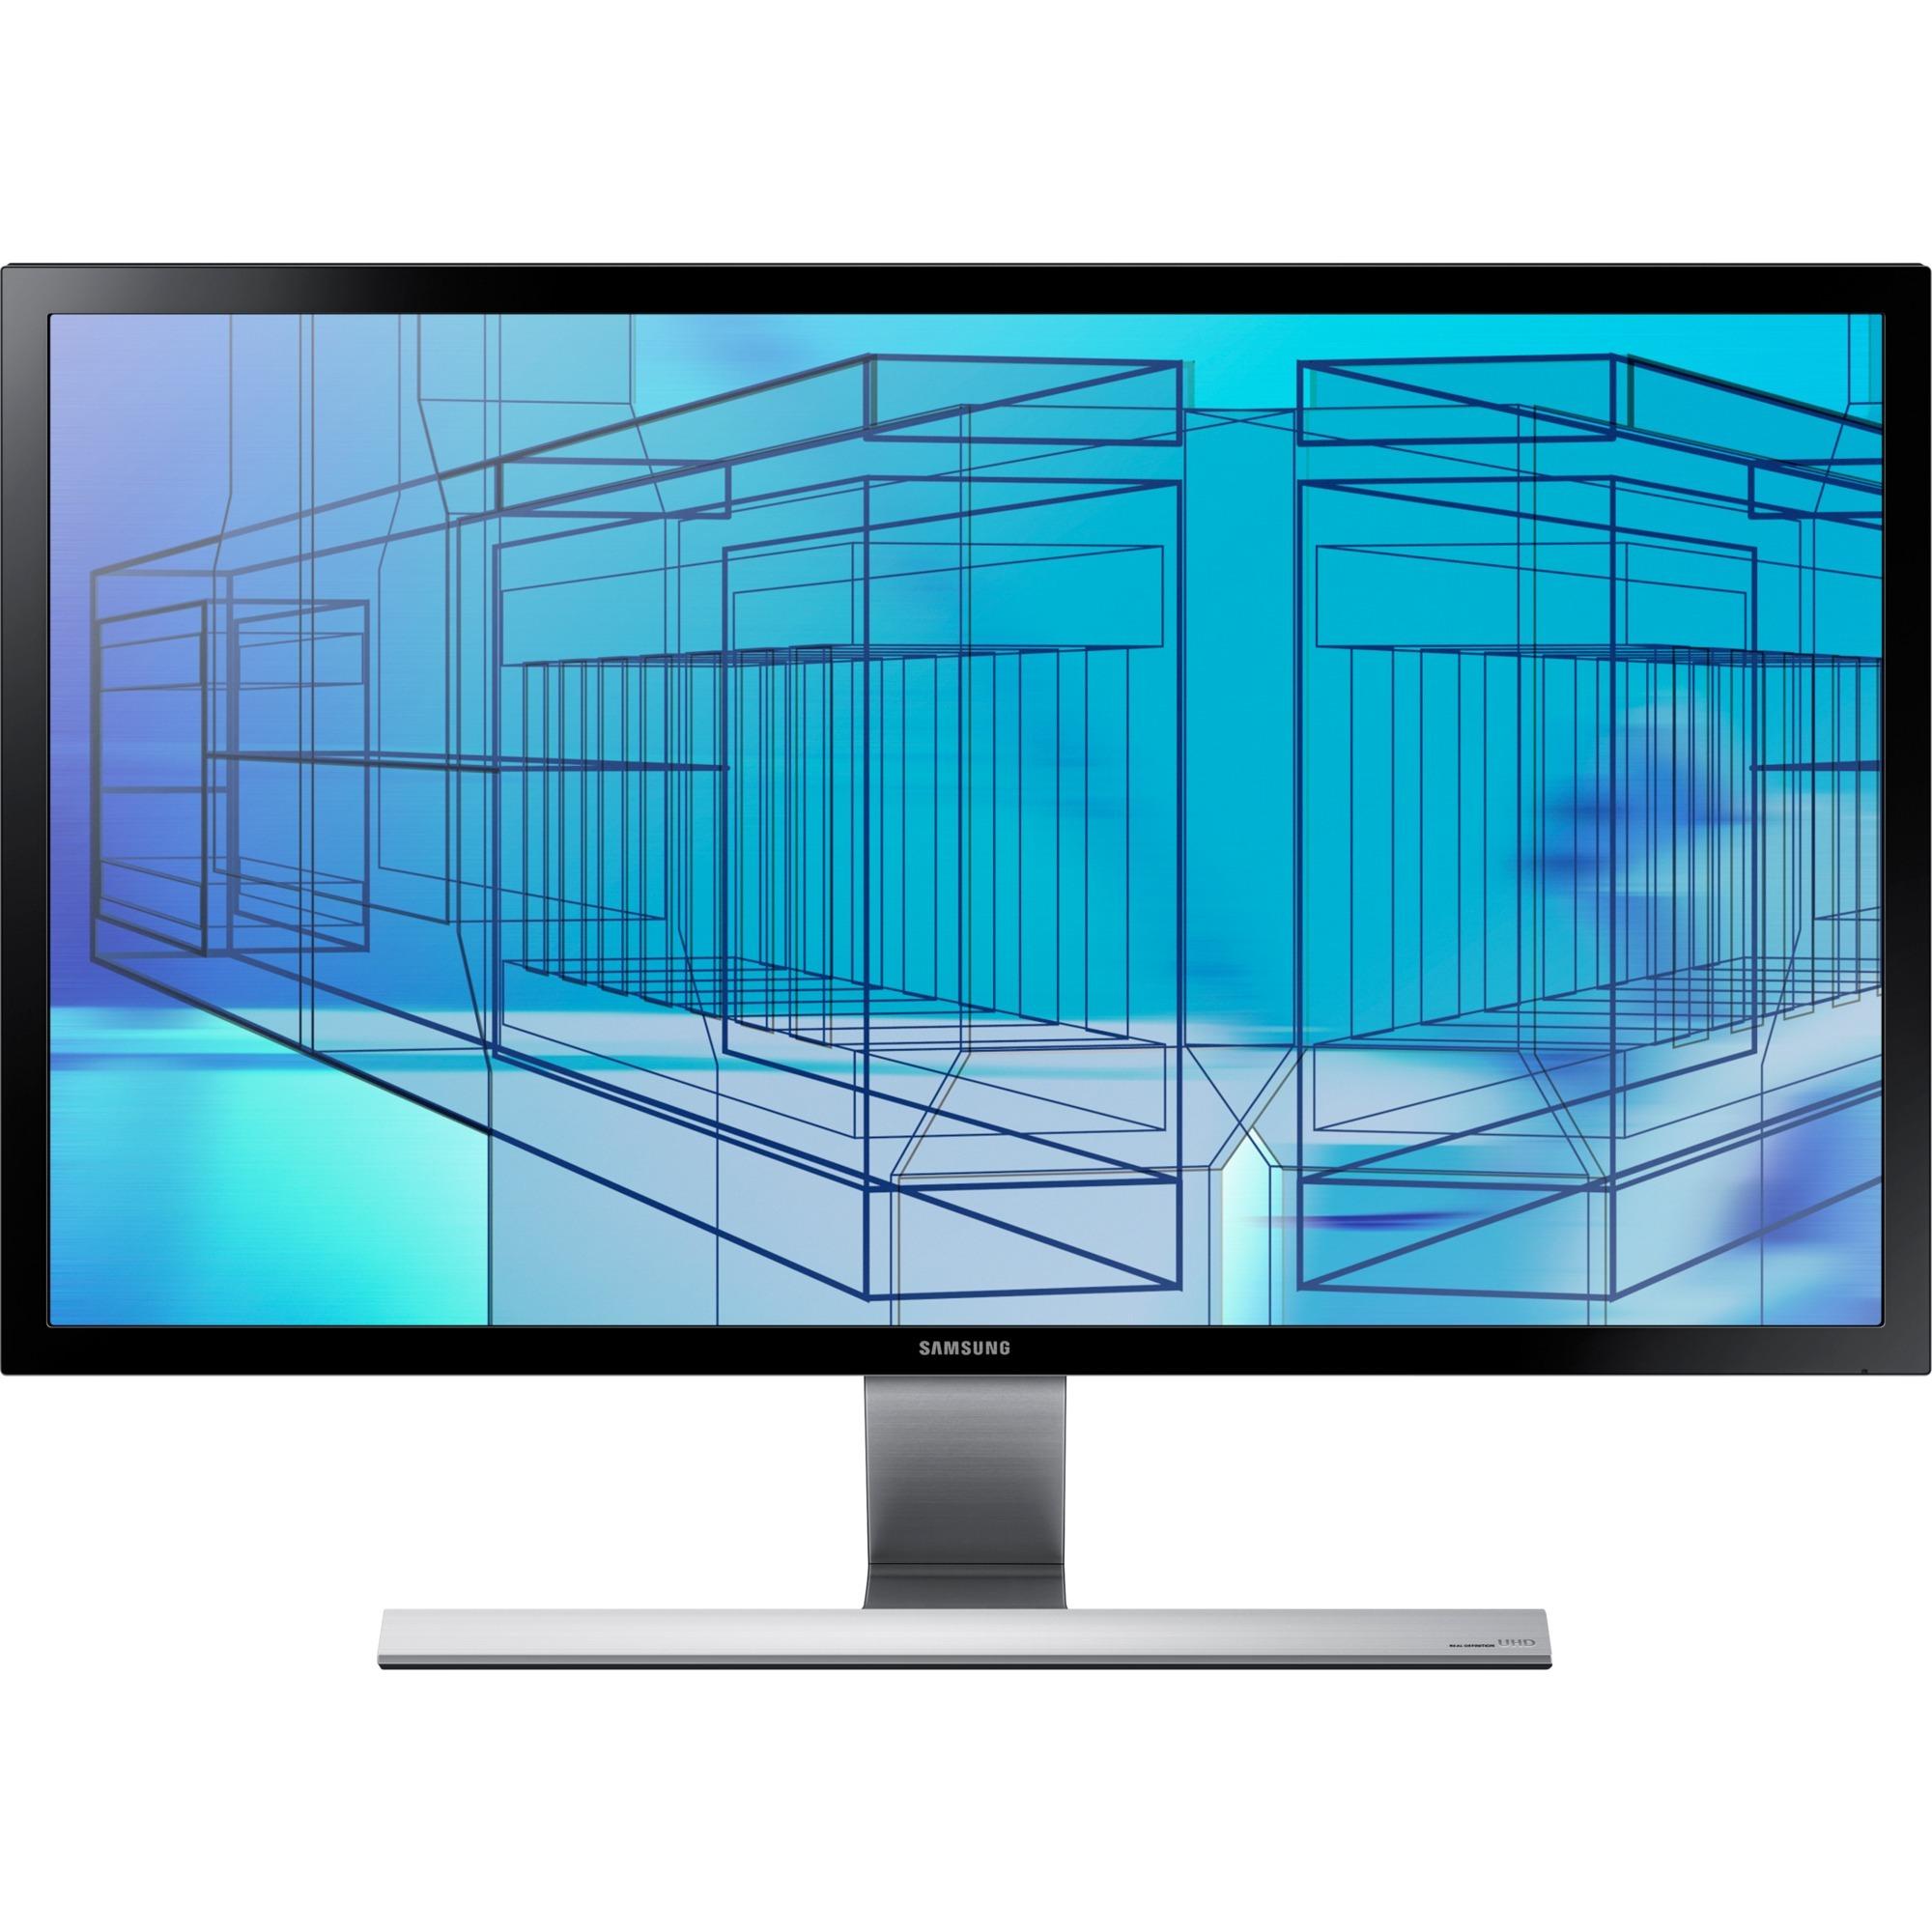 Samsung U28E590D LED, LED-Monitor